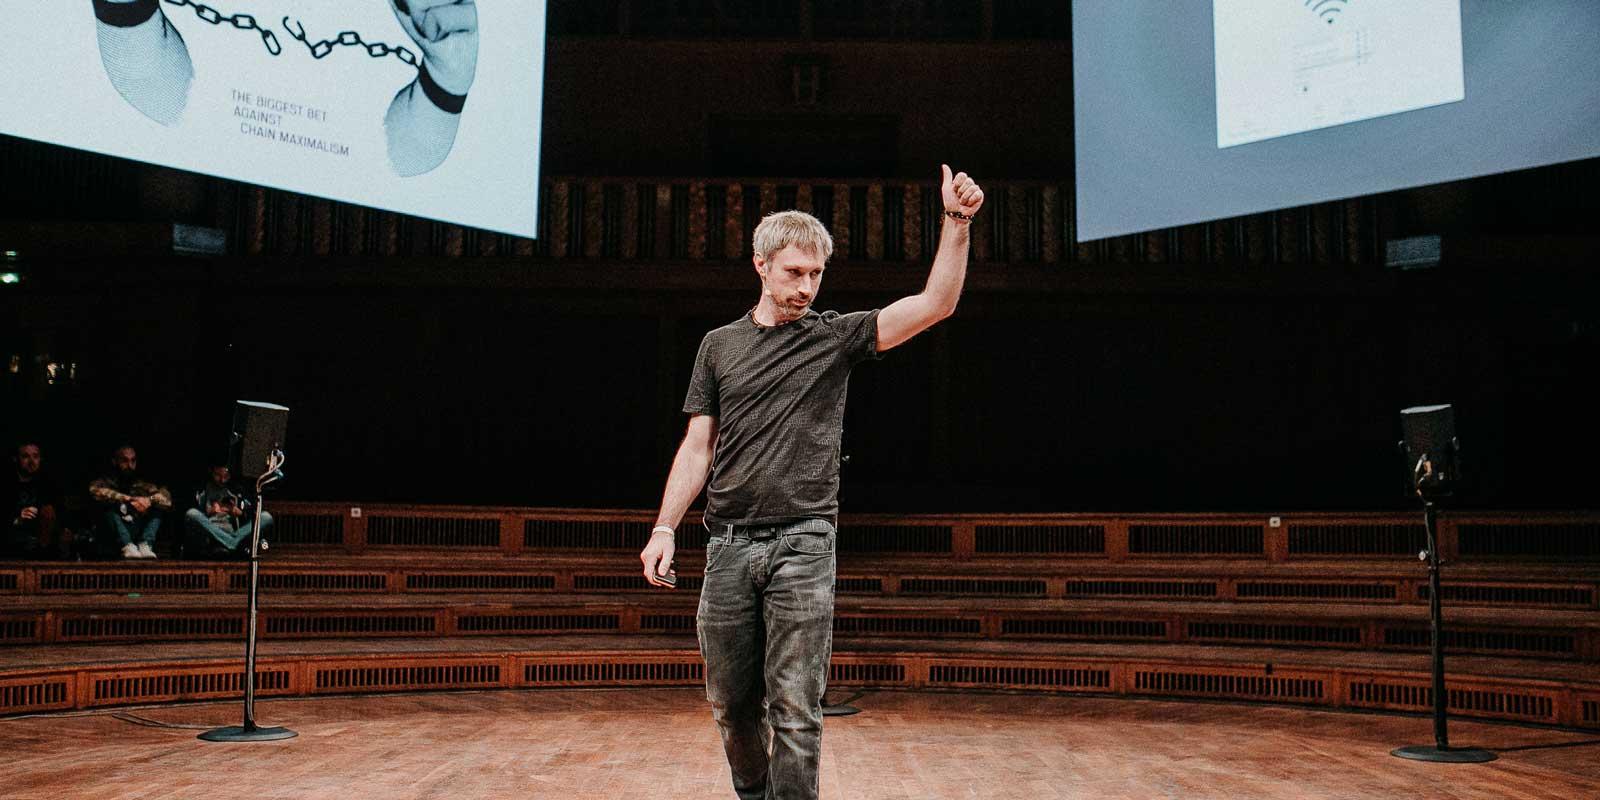 波卡创始人Gavin Wood:Web3.0 应该是什么样的?